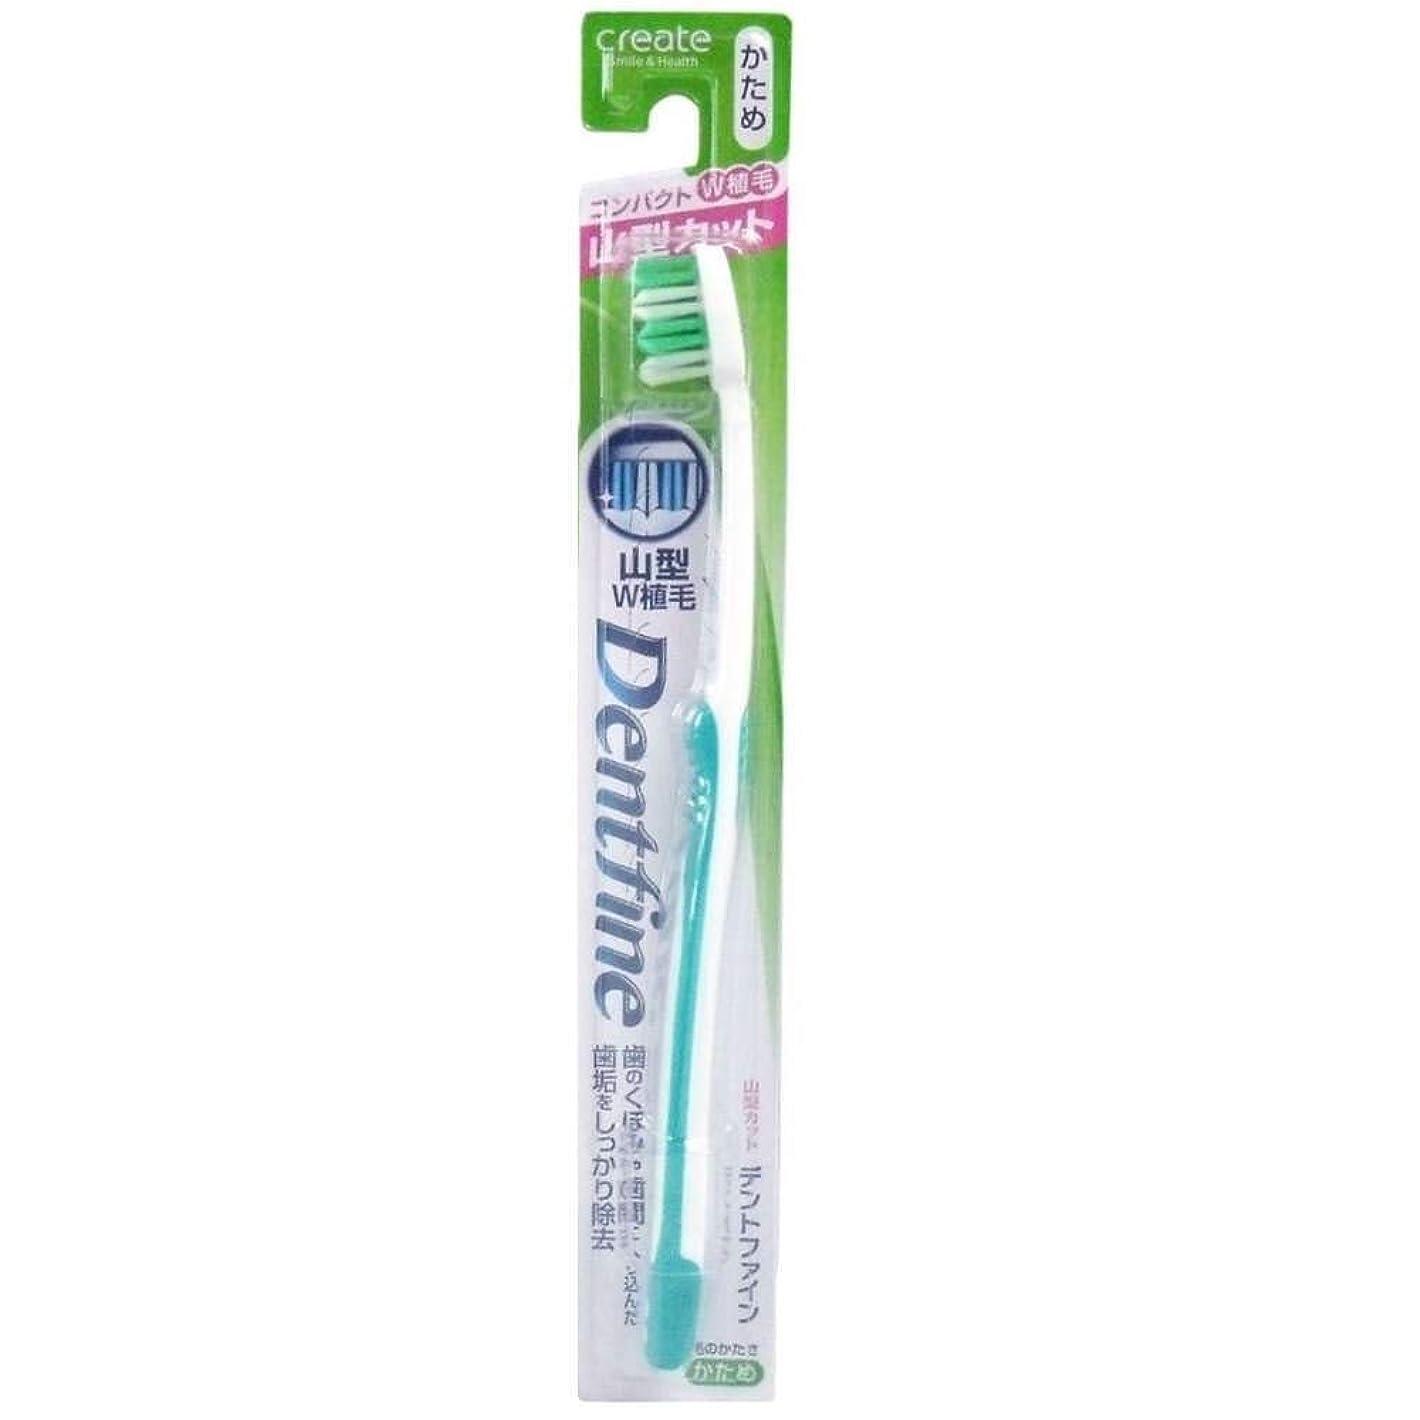 に応じてアコー盗賊デントファイン ラバーグリップ 山切りカット 歯ブラシ かため 1本:グリーン